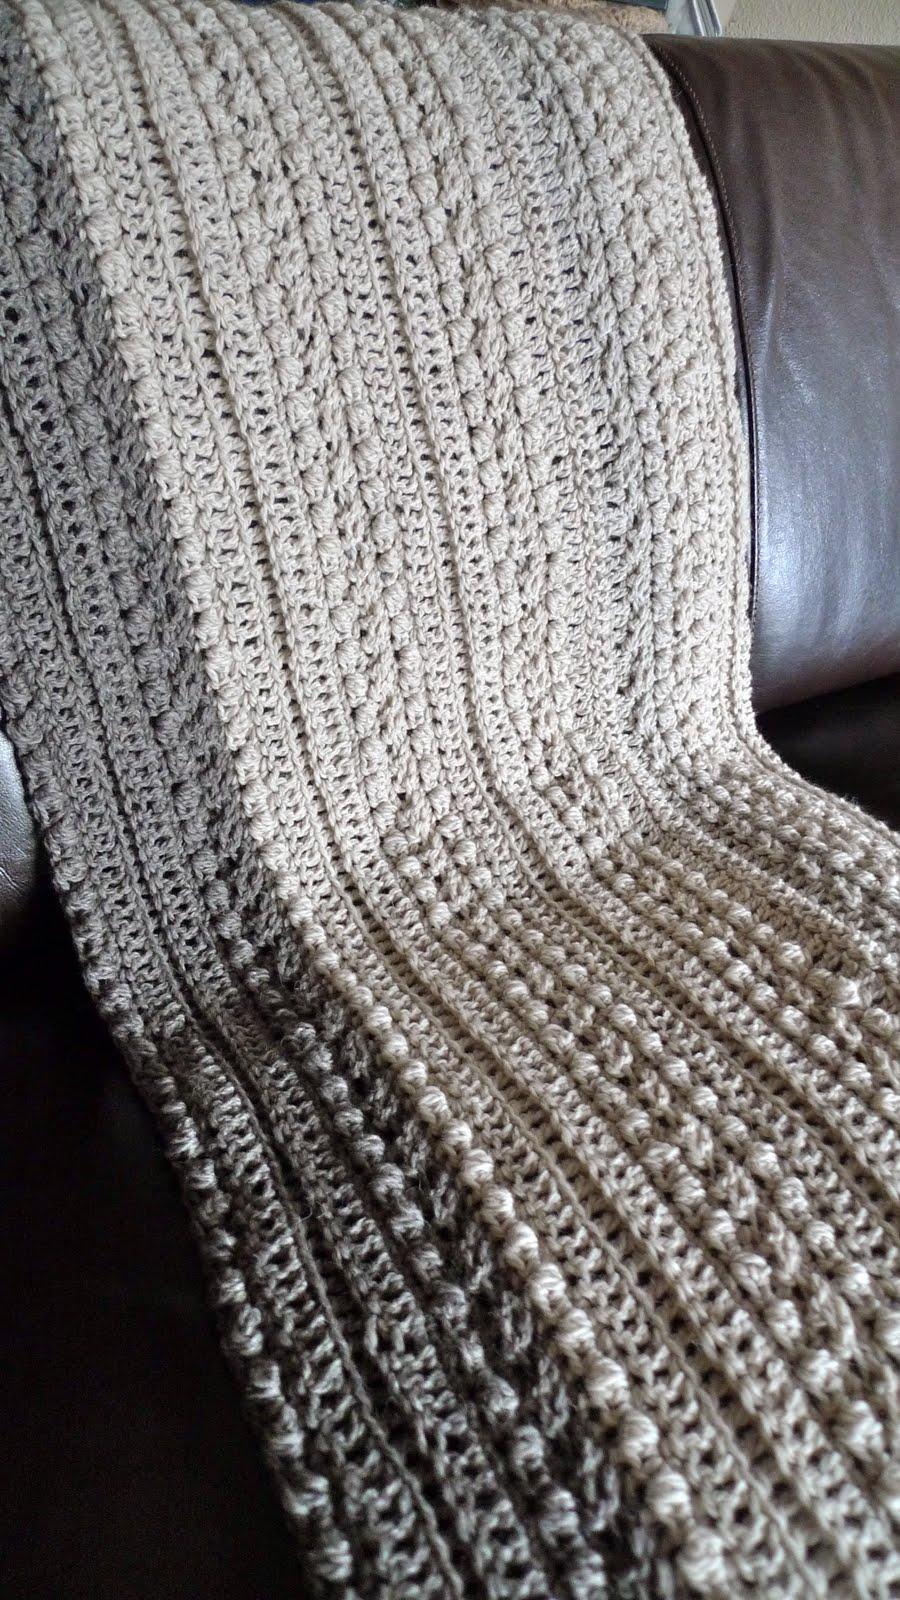 Crochet Pattern Aran Afghan : Queen Heron Creations: Crocheted Aran Afghan in Progress